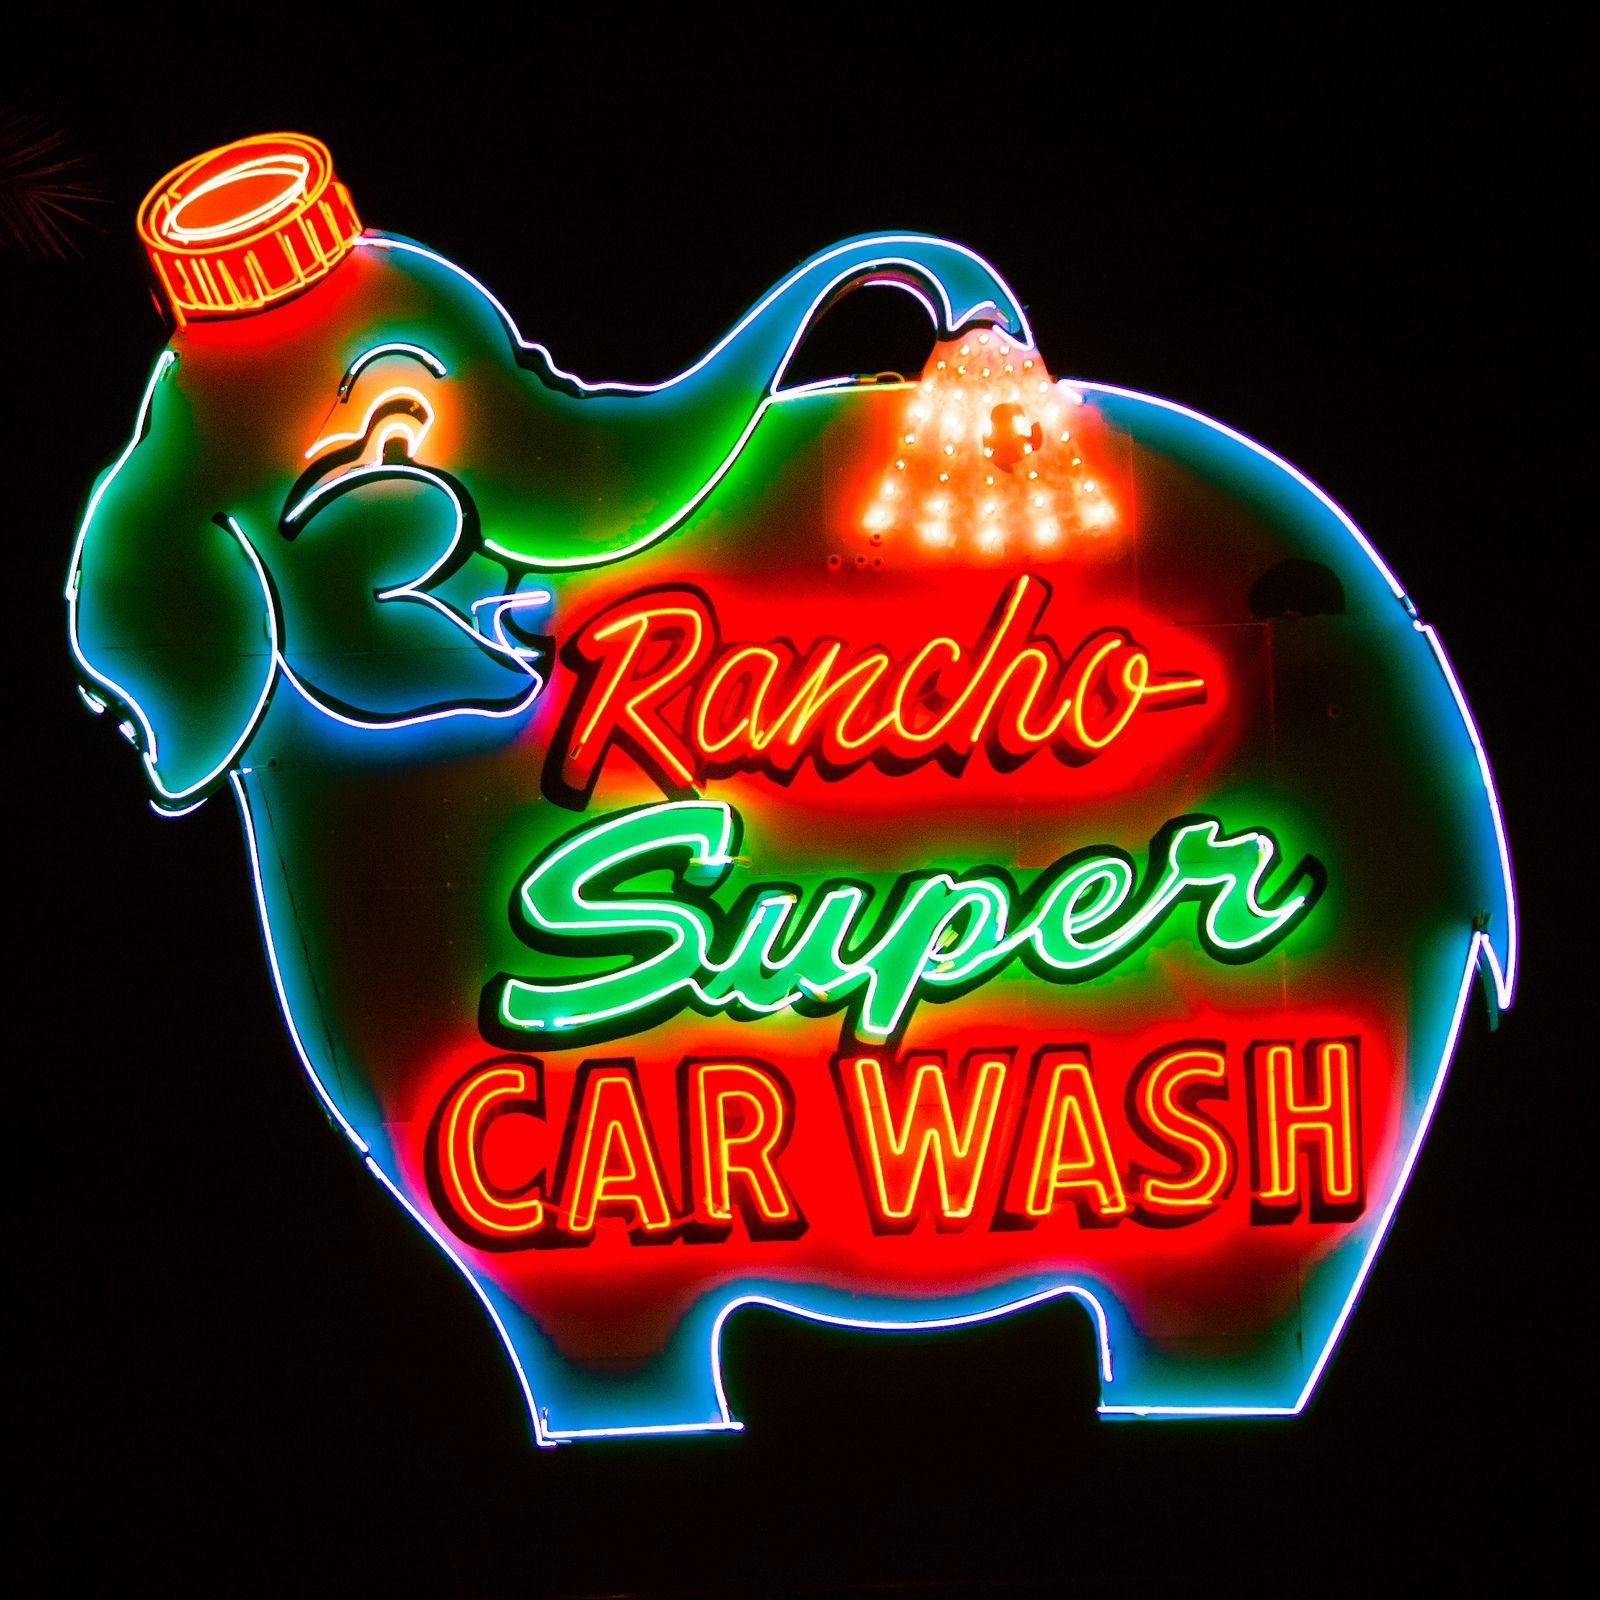 Rancho Super Car Wash in 2020 Vintage neon signs, Neon